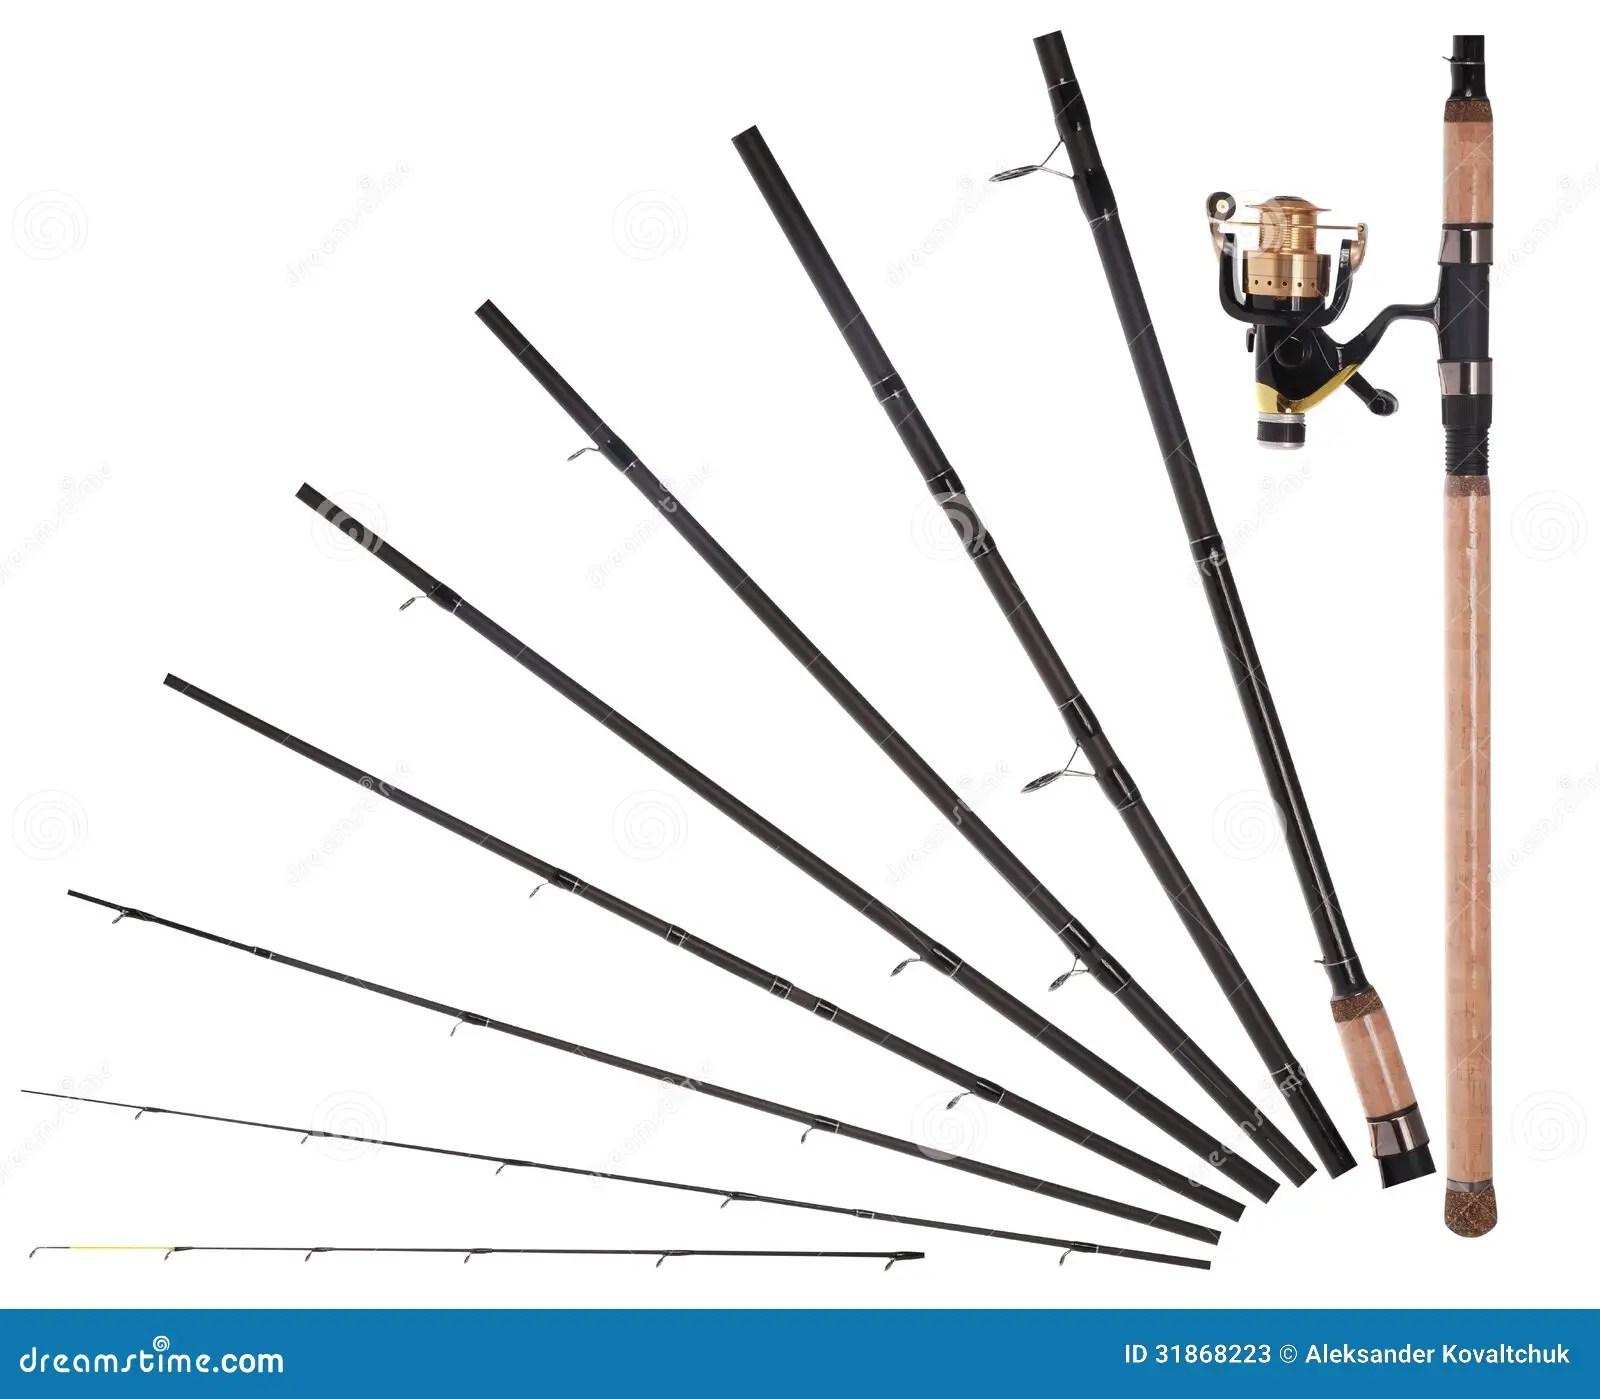 hight resolution of fishing rod reel broken into parts